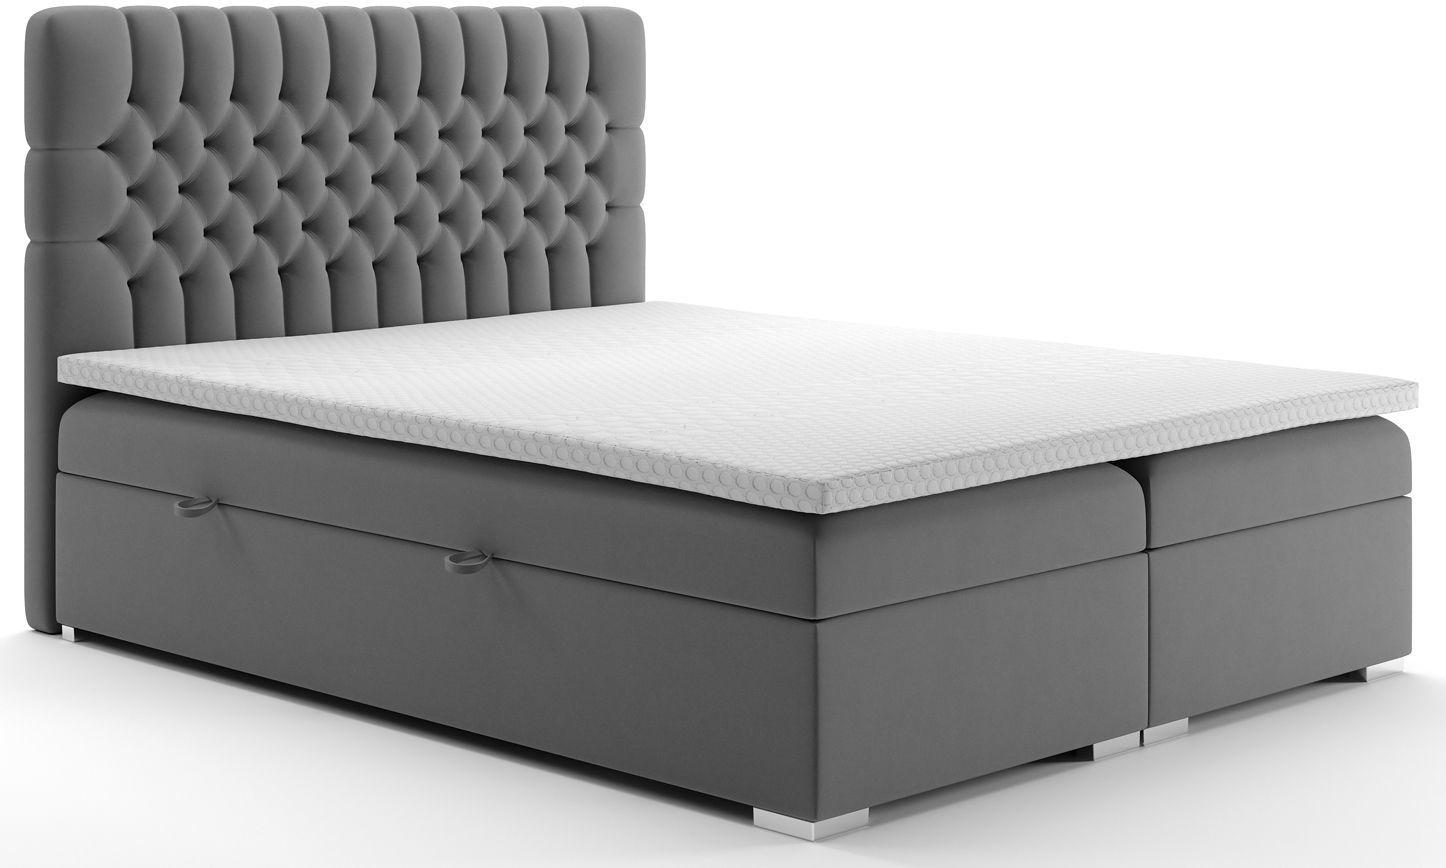 Małżeńskie łóżko boxspring Stilla 160x200 - 58 kolorów